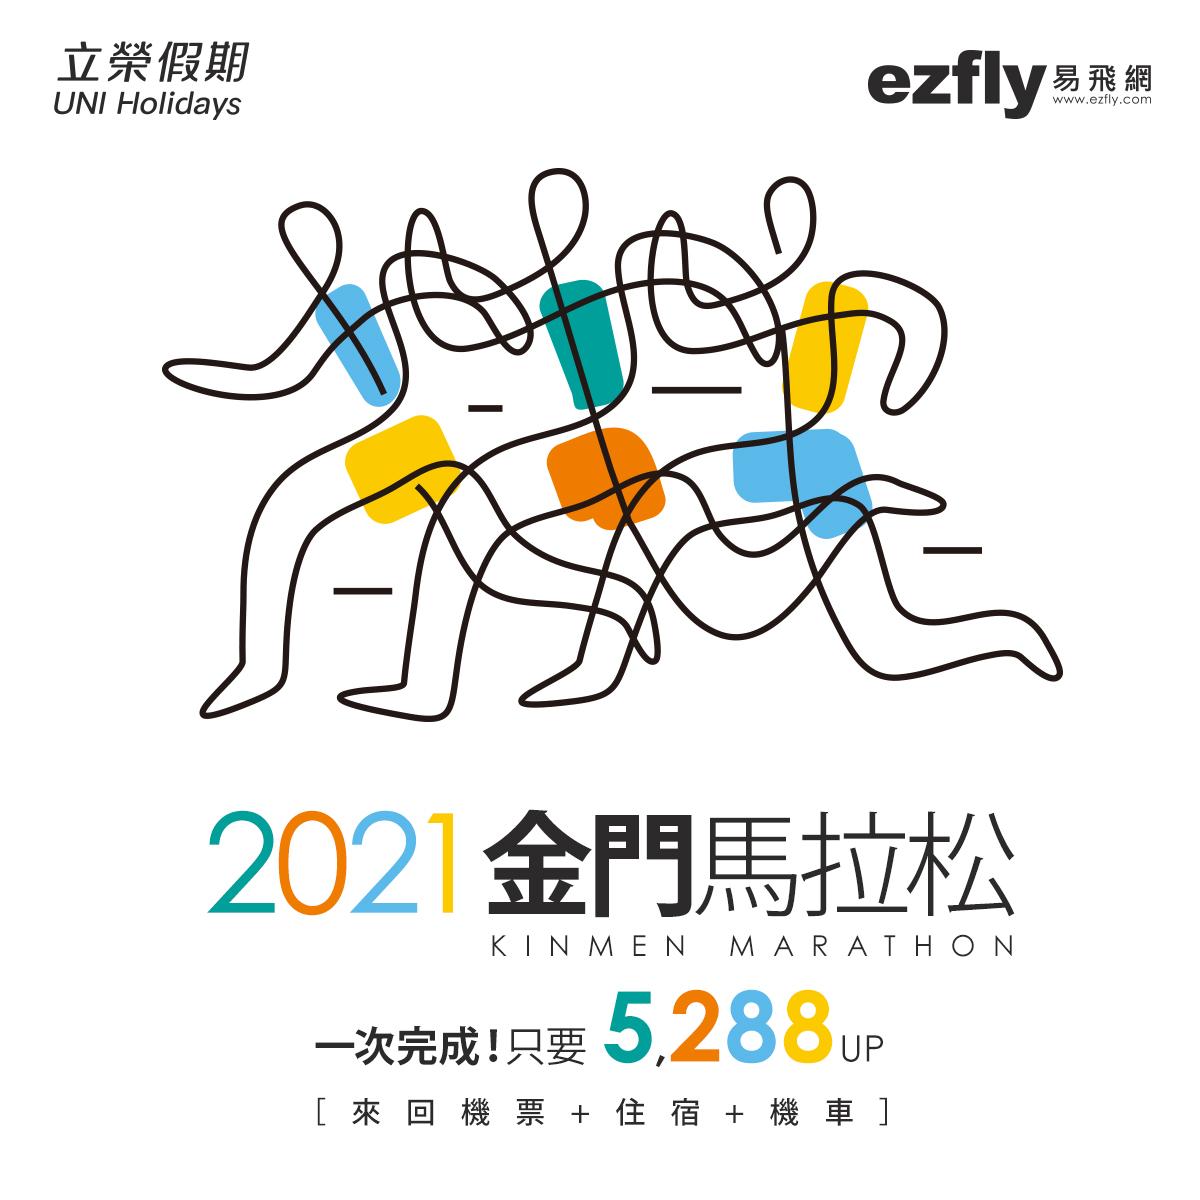 【立榮假期-路跑專案】早鳥預購~2021金門馬拉松自由行